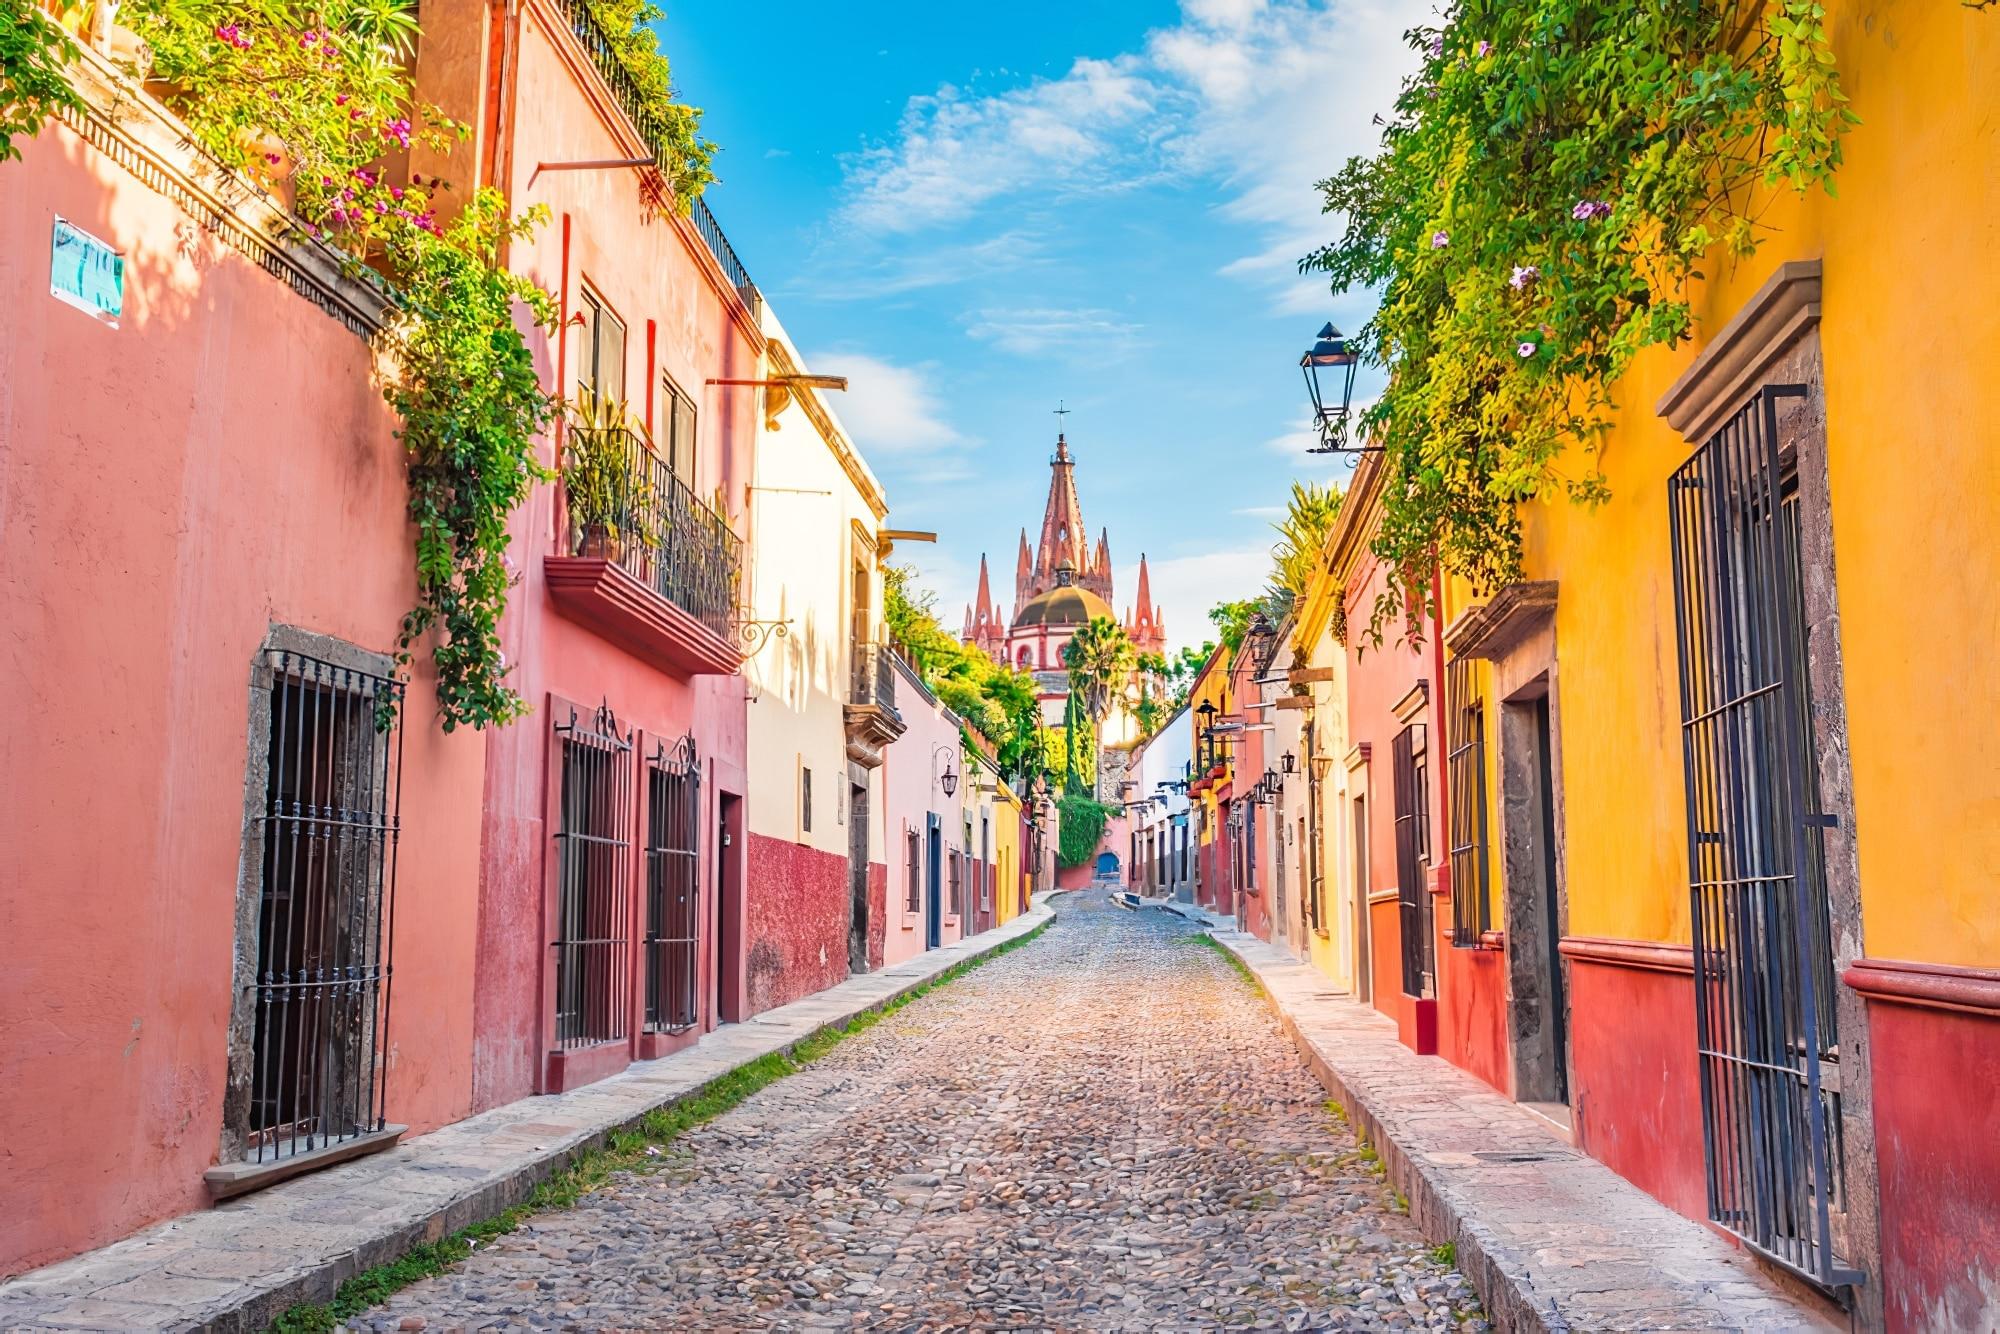 San Miguel de Allende à Guanajuato